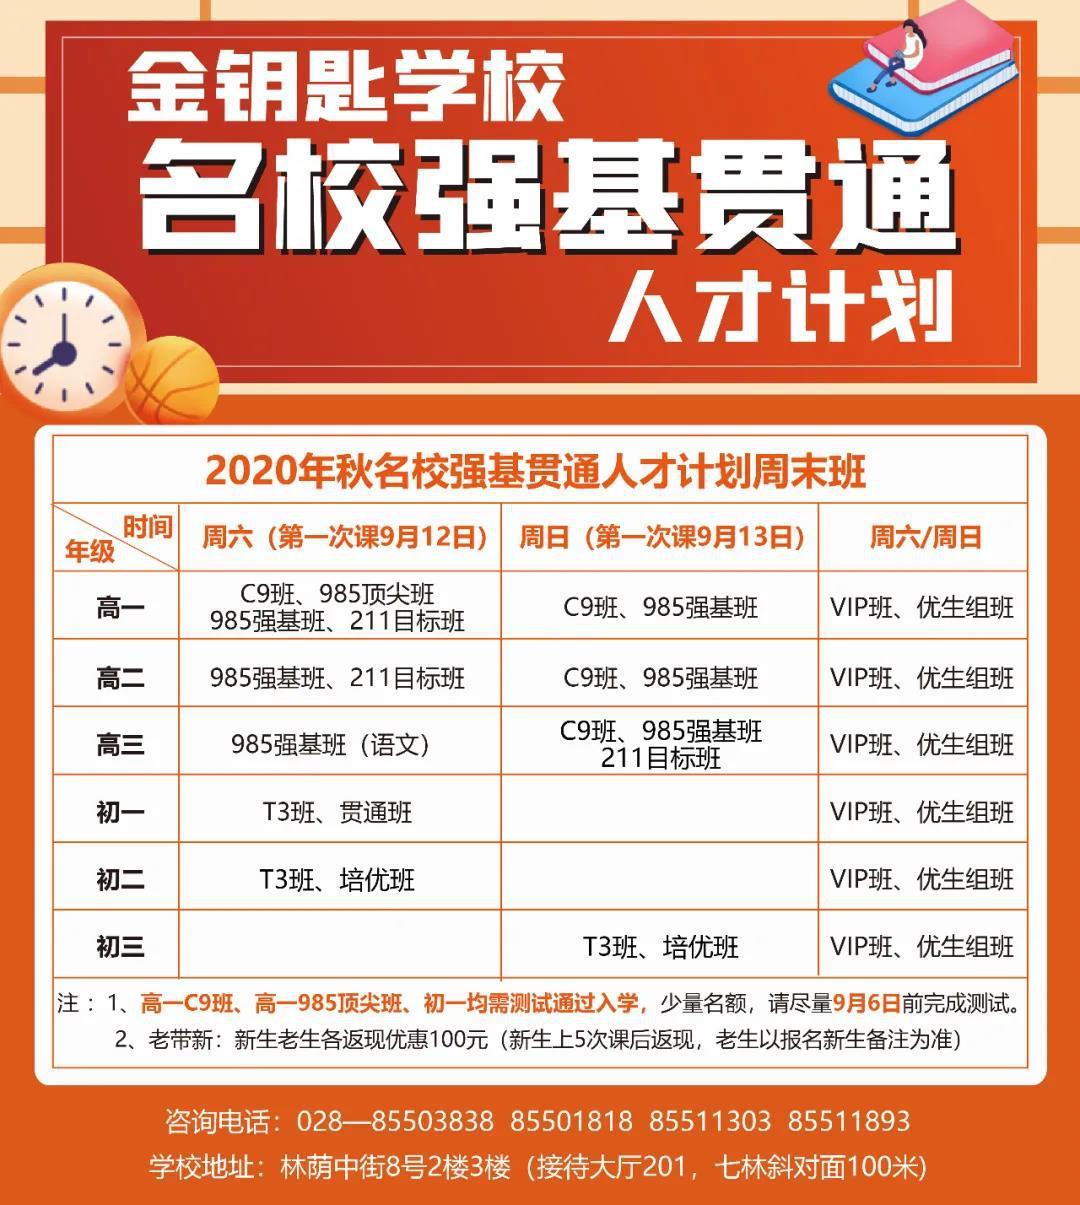 微信图片_20200903091201.jpg